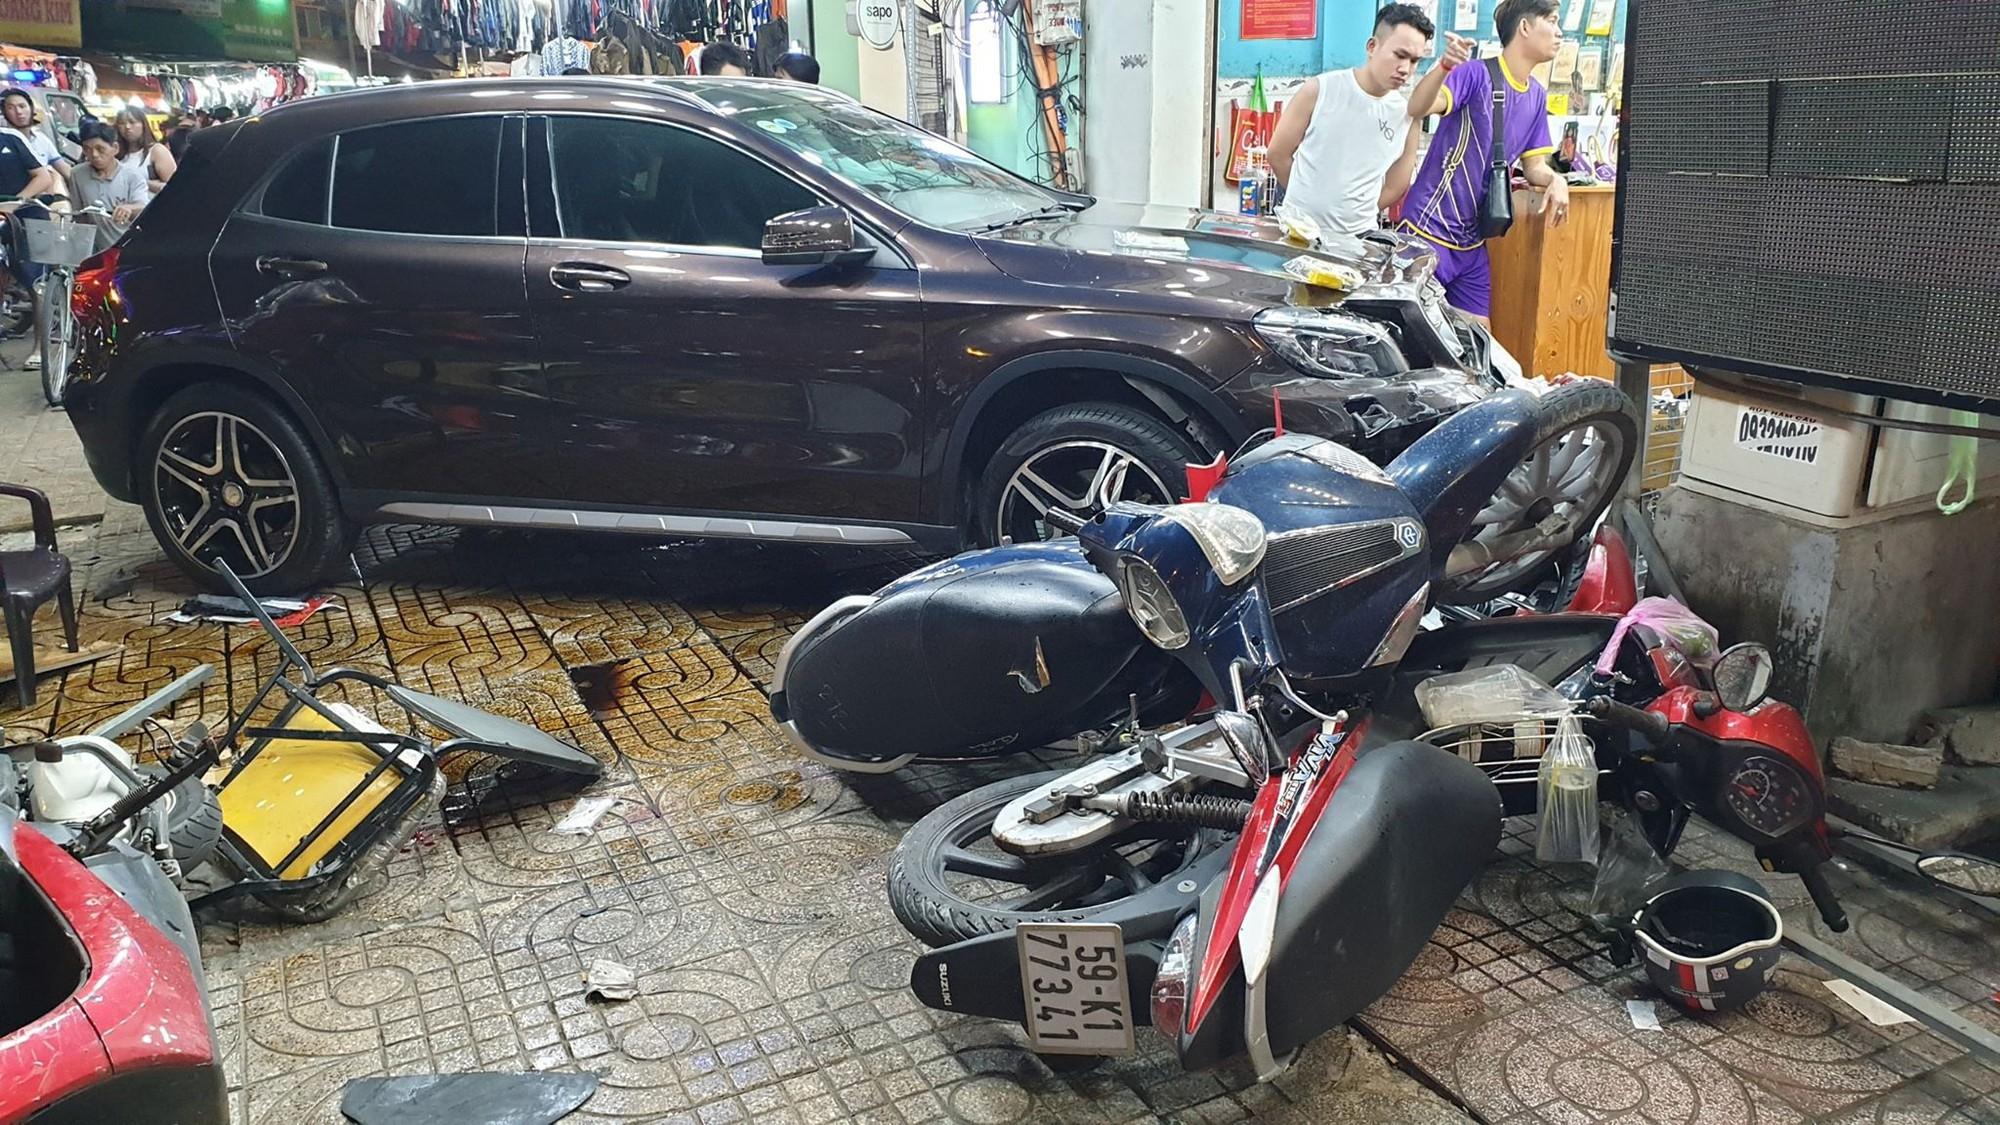 TP.HCM: Nữ tài xế lái Mercedes tông hàng loạt xe máy, nhiều người nằm la liệt trên đường - Ảnh 3.